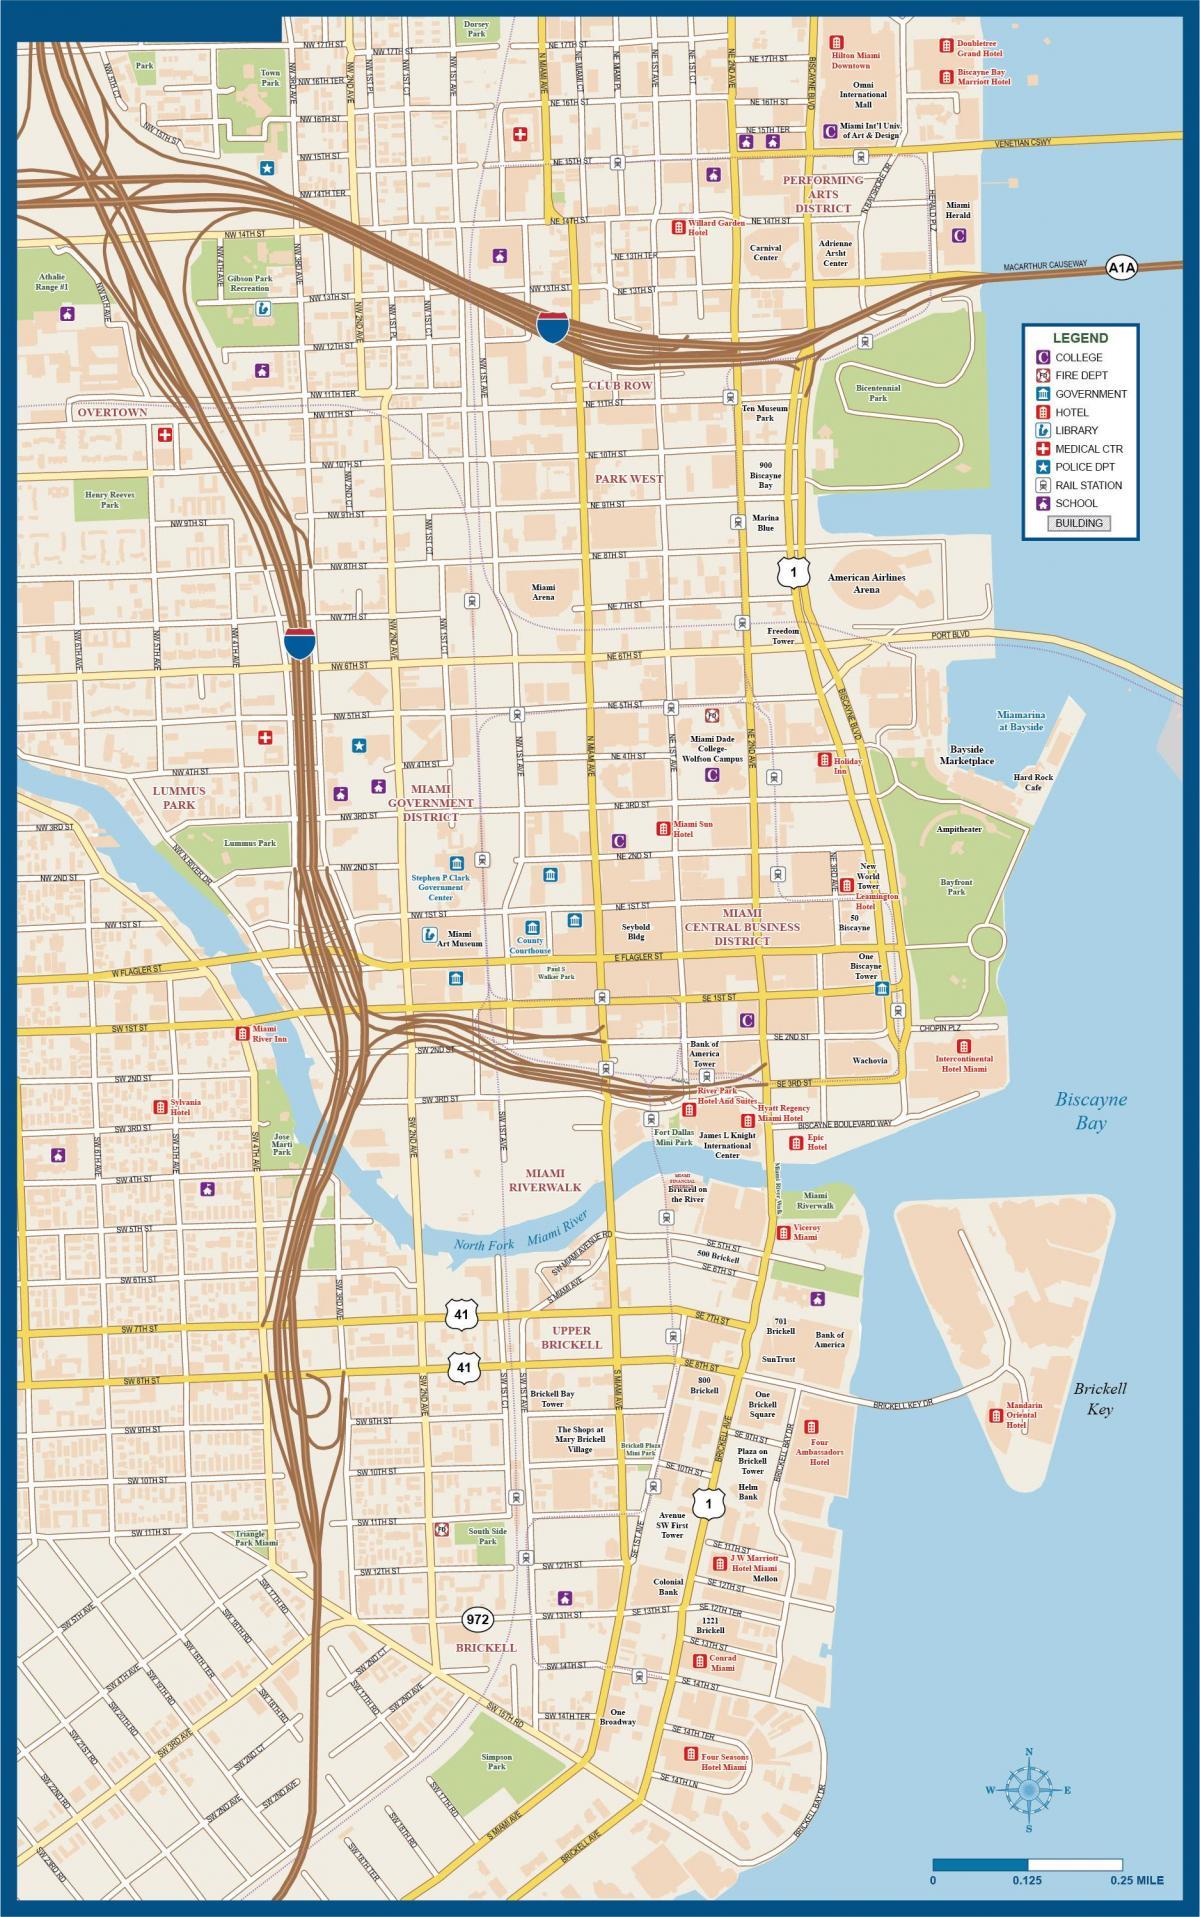 El Centro De Miami Mapa Mapa De La Ciudad De Miami Florida USA - Mapa de la florida usa